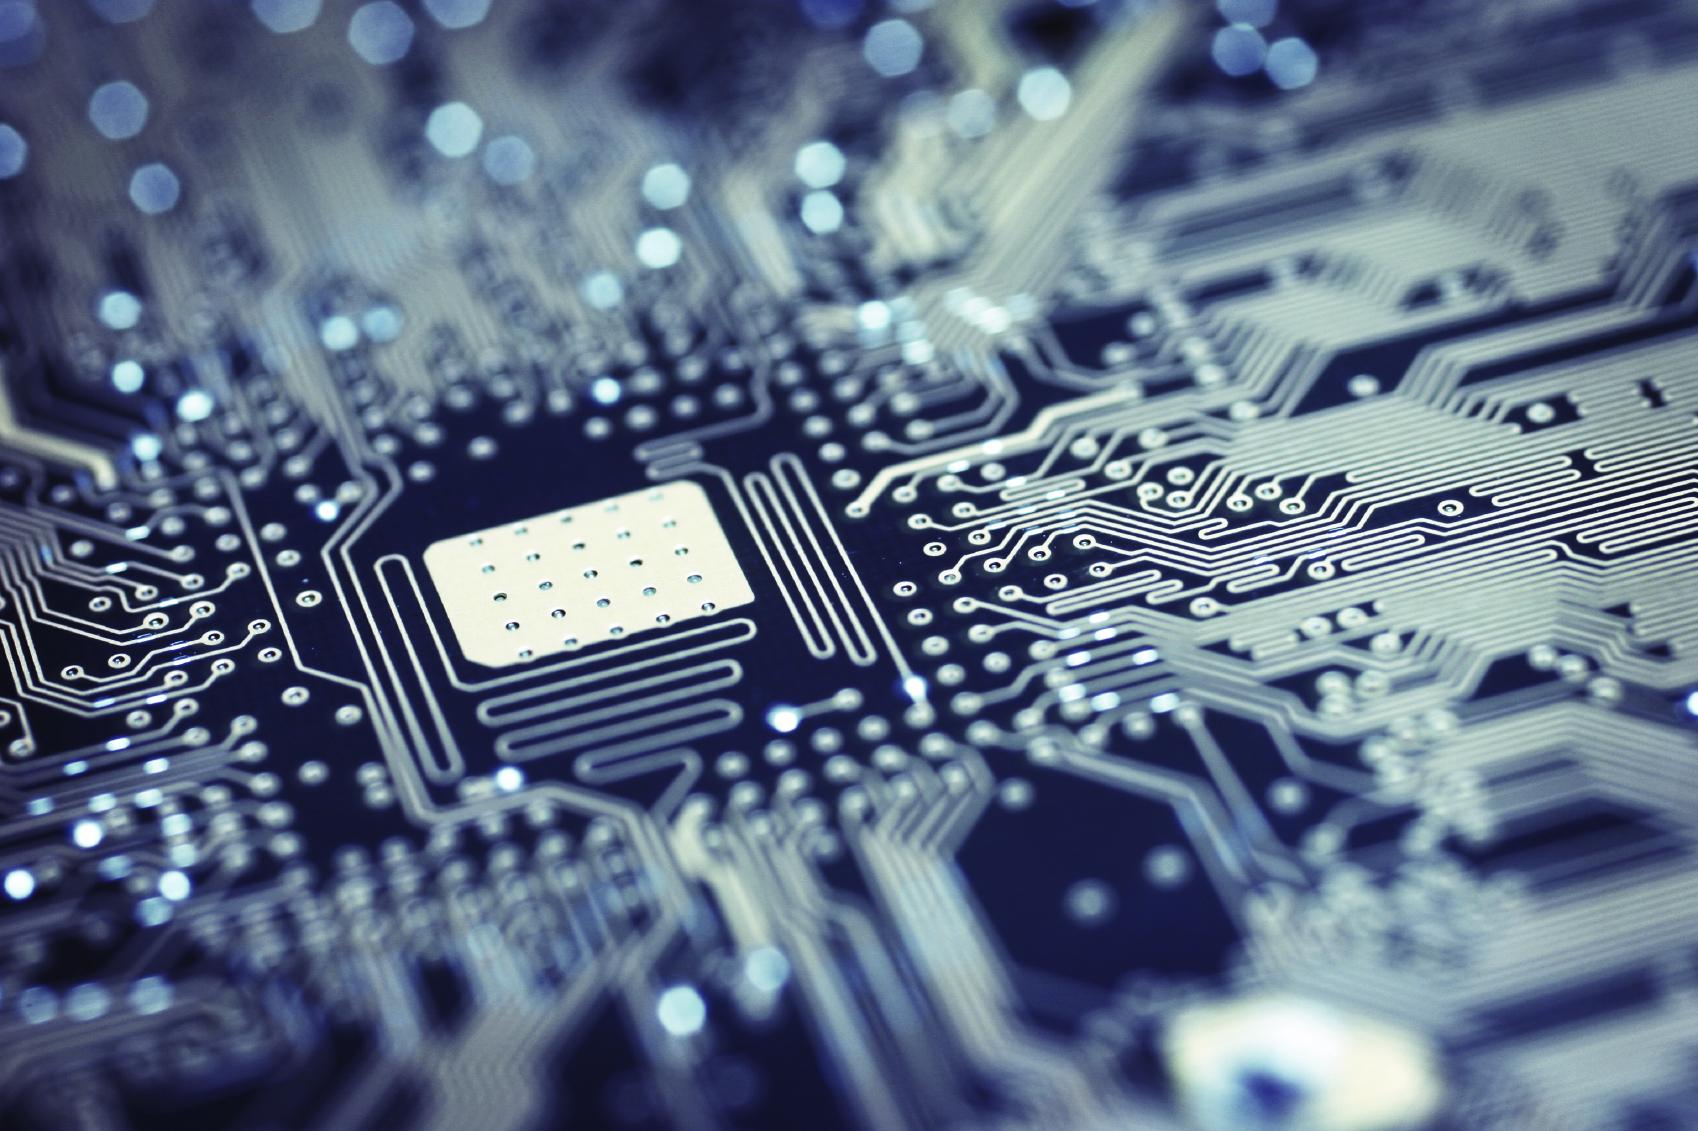 Οι νέες τεχνολογίες ως εργαλείο εξόδου από την κρίση – Βήμα της Κυριακής